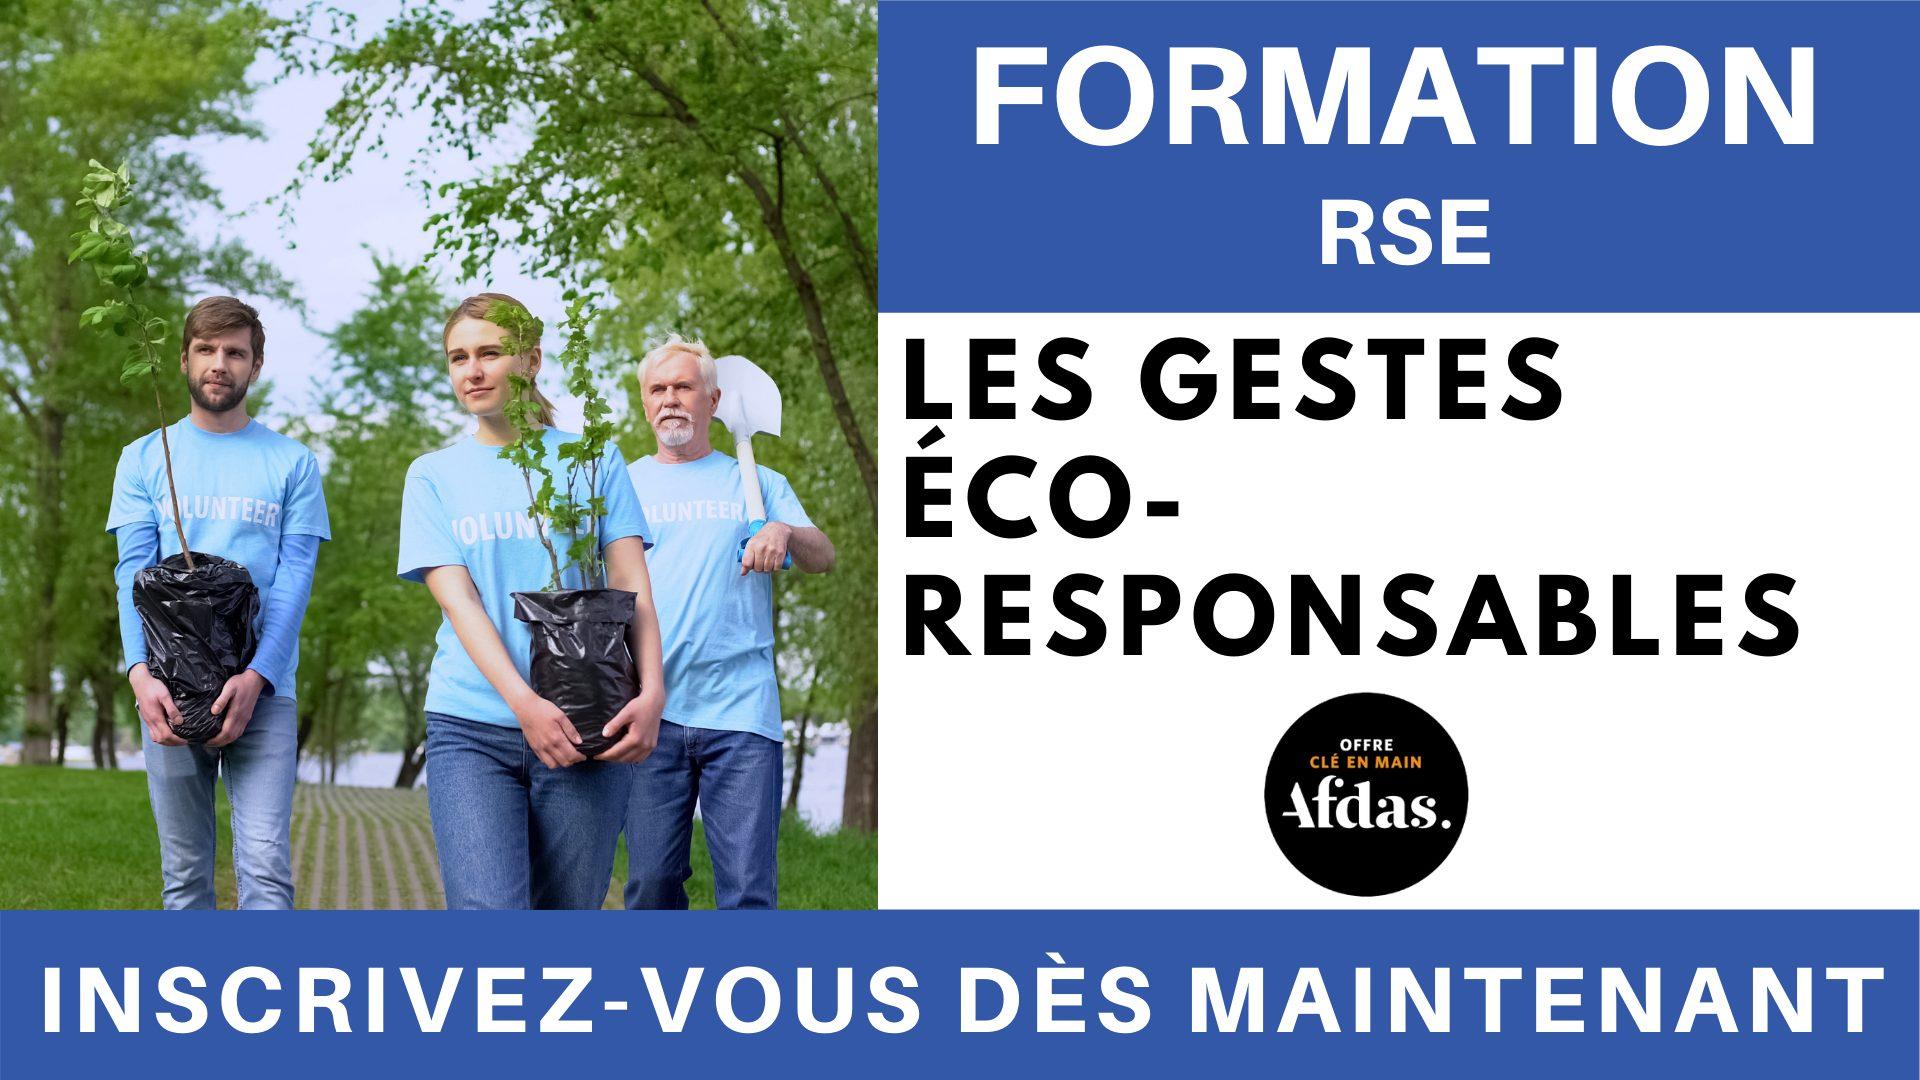 Formation RSE - Les gestes éco-responsables (1)